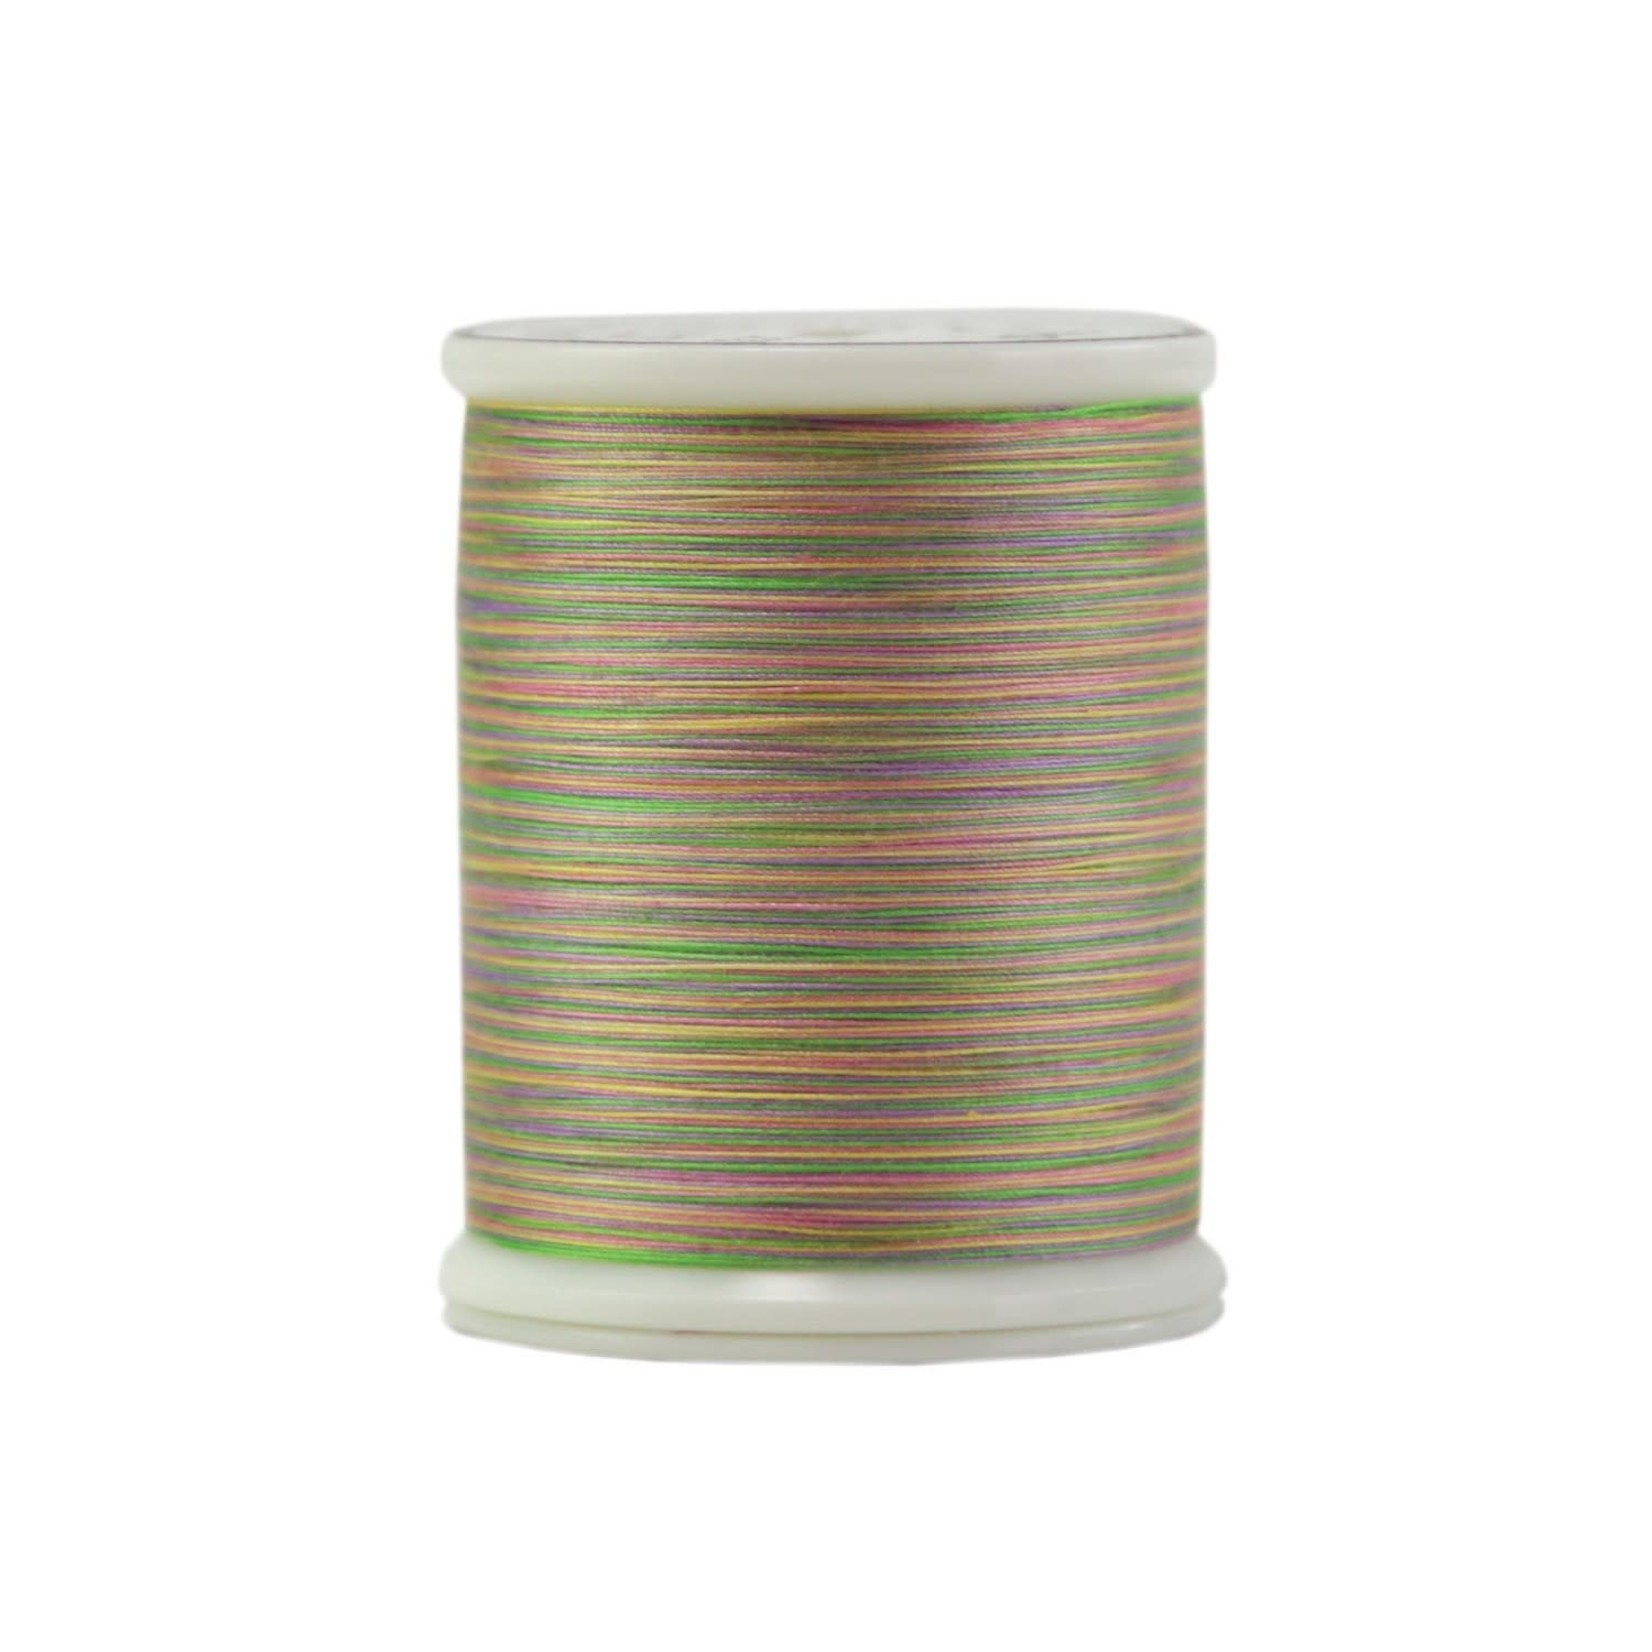 Superior Threads King Tut - #40 - 457 m - 1043 Secret Garden